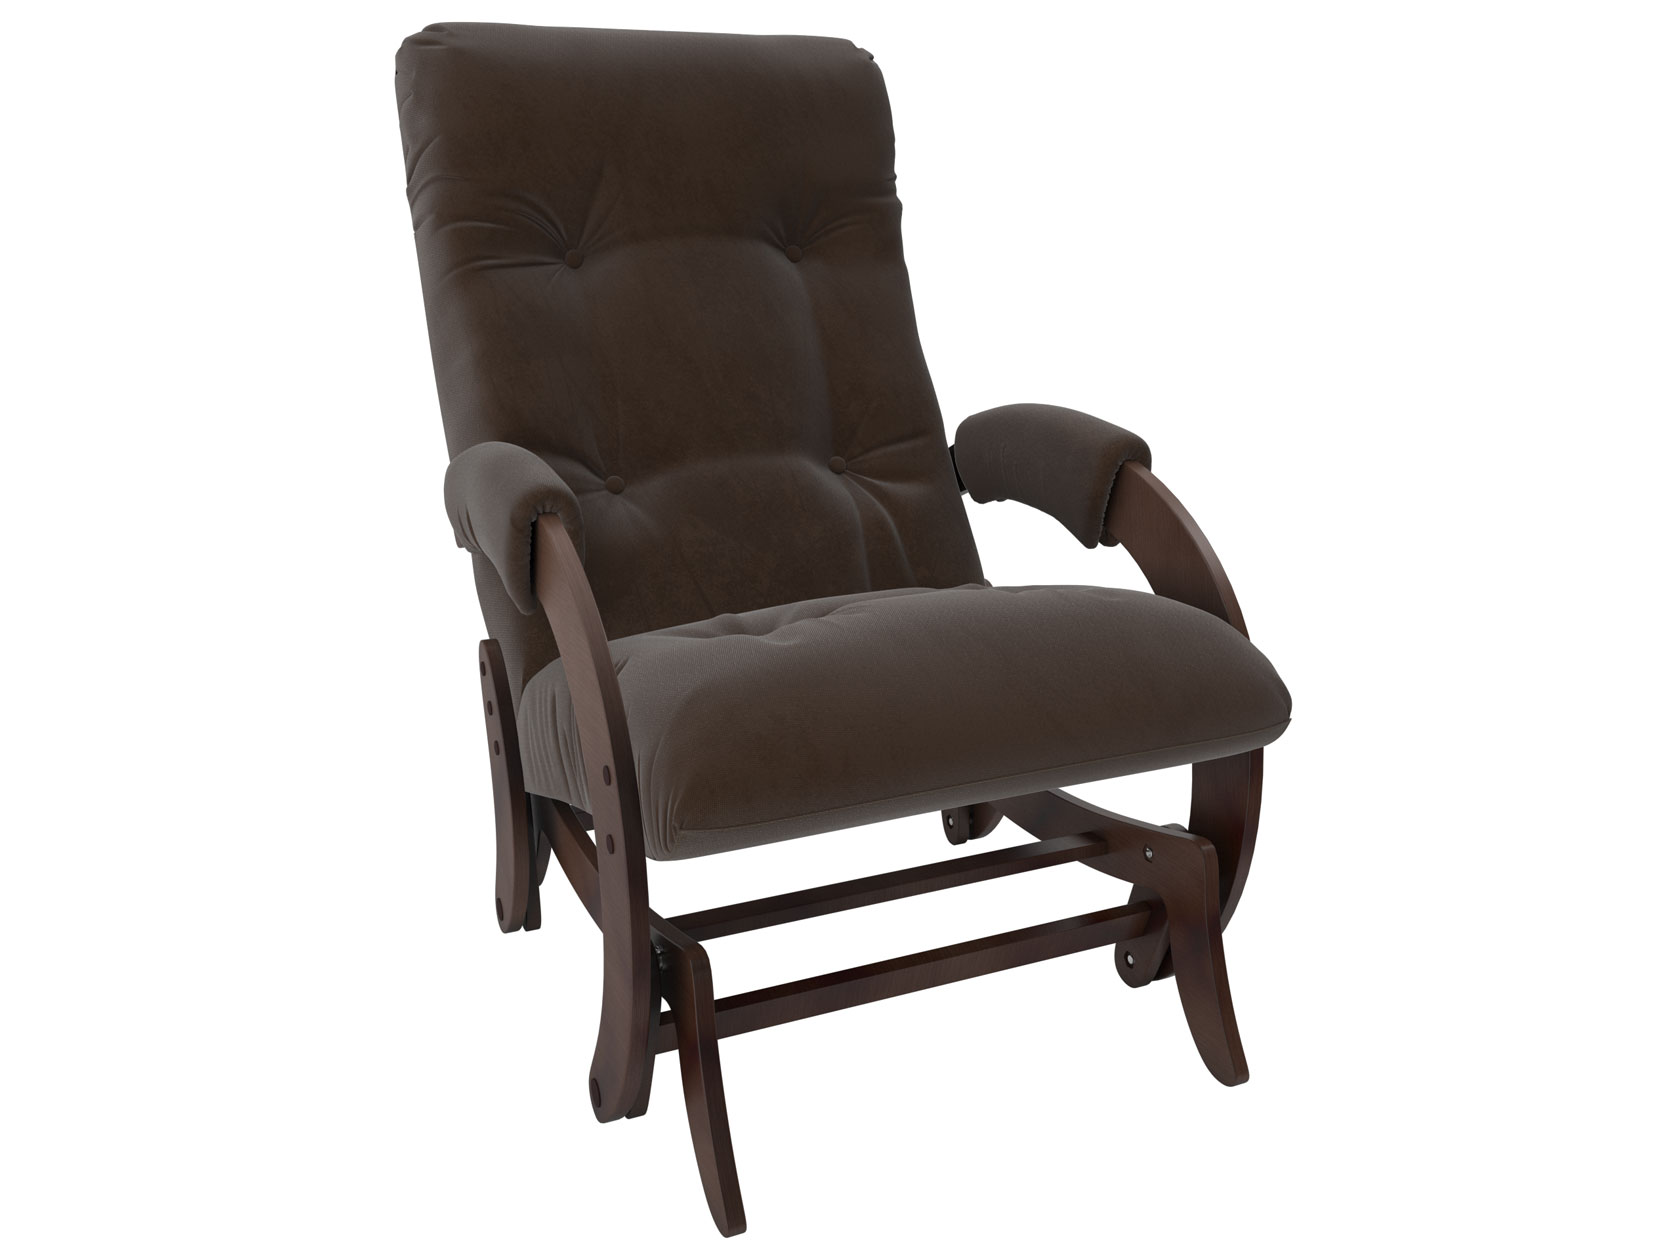 Кресло-глайдер 108-100248